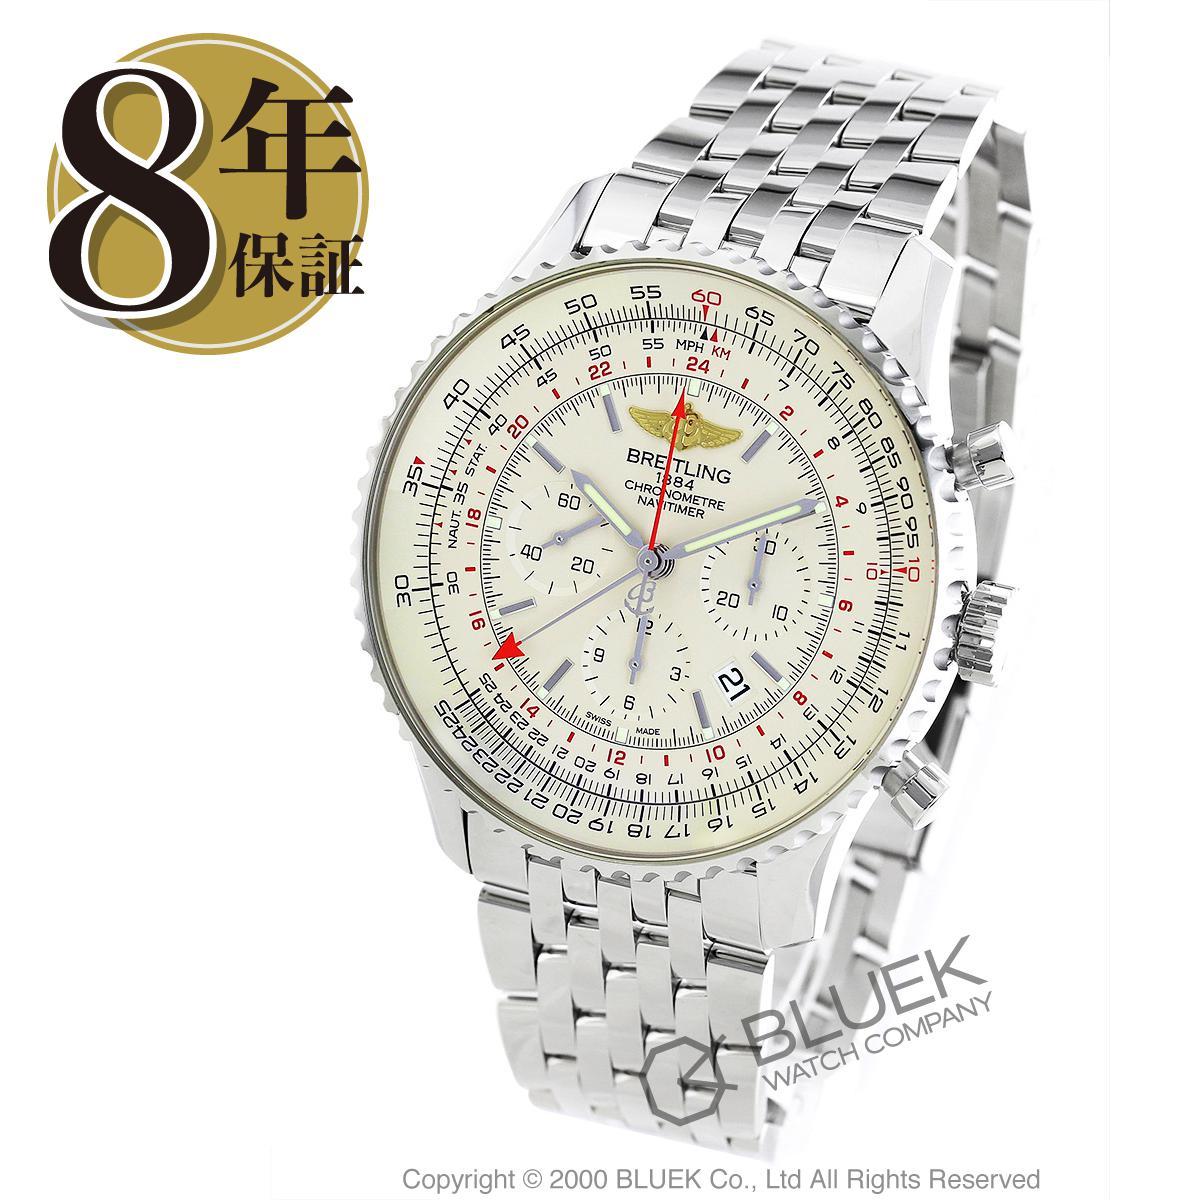 ブライトリング ナビタイマー GMT クロノグラフ 腕時計 メンズ BREITLING A044G83NP_8